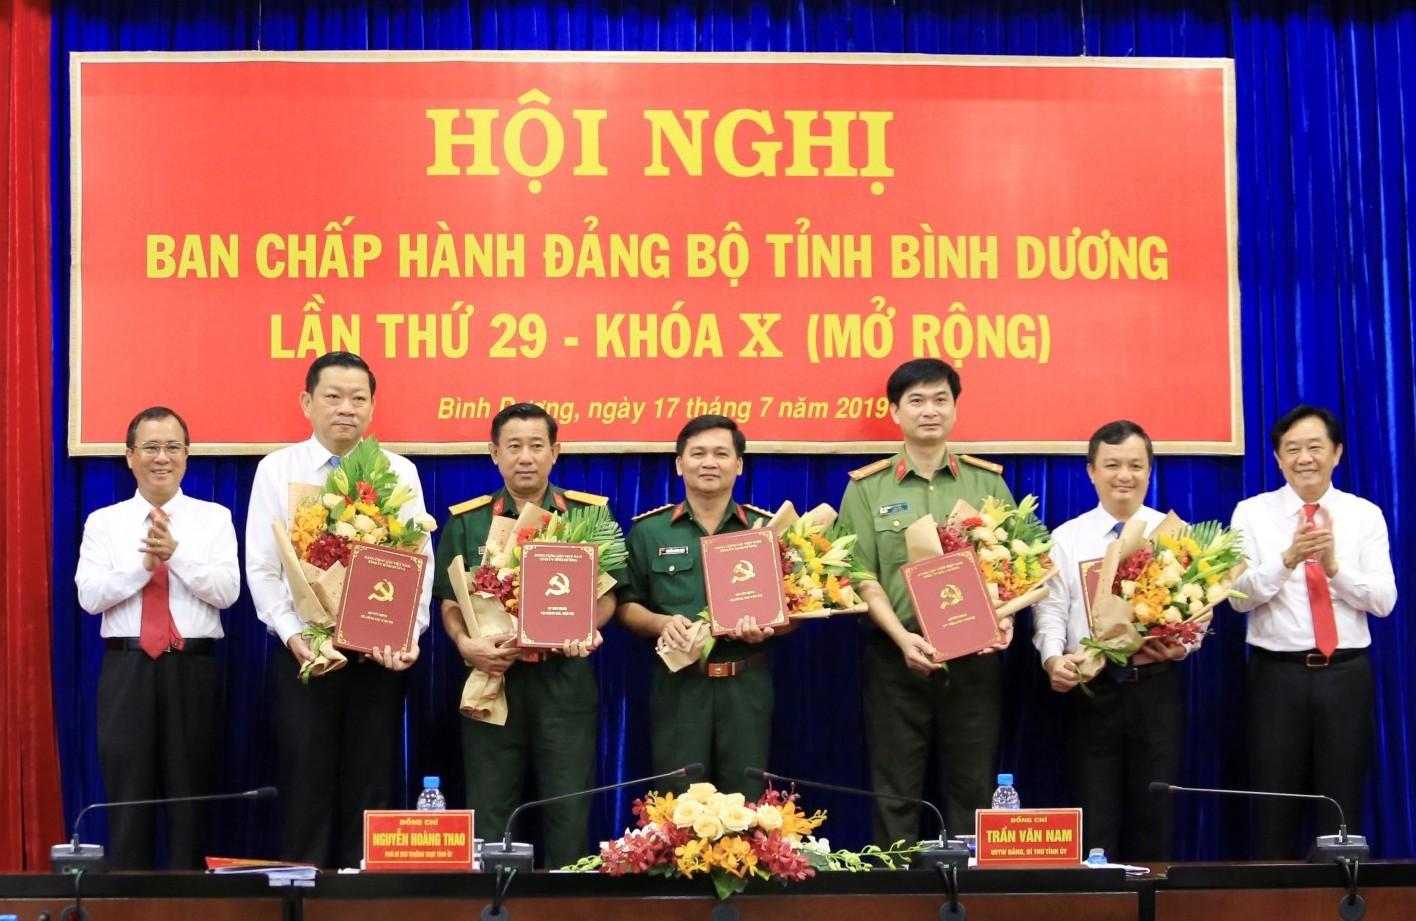 BinhDuong1